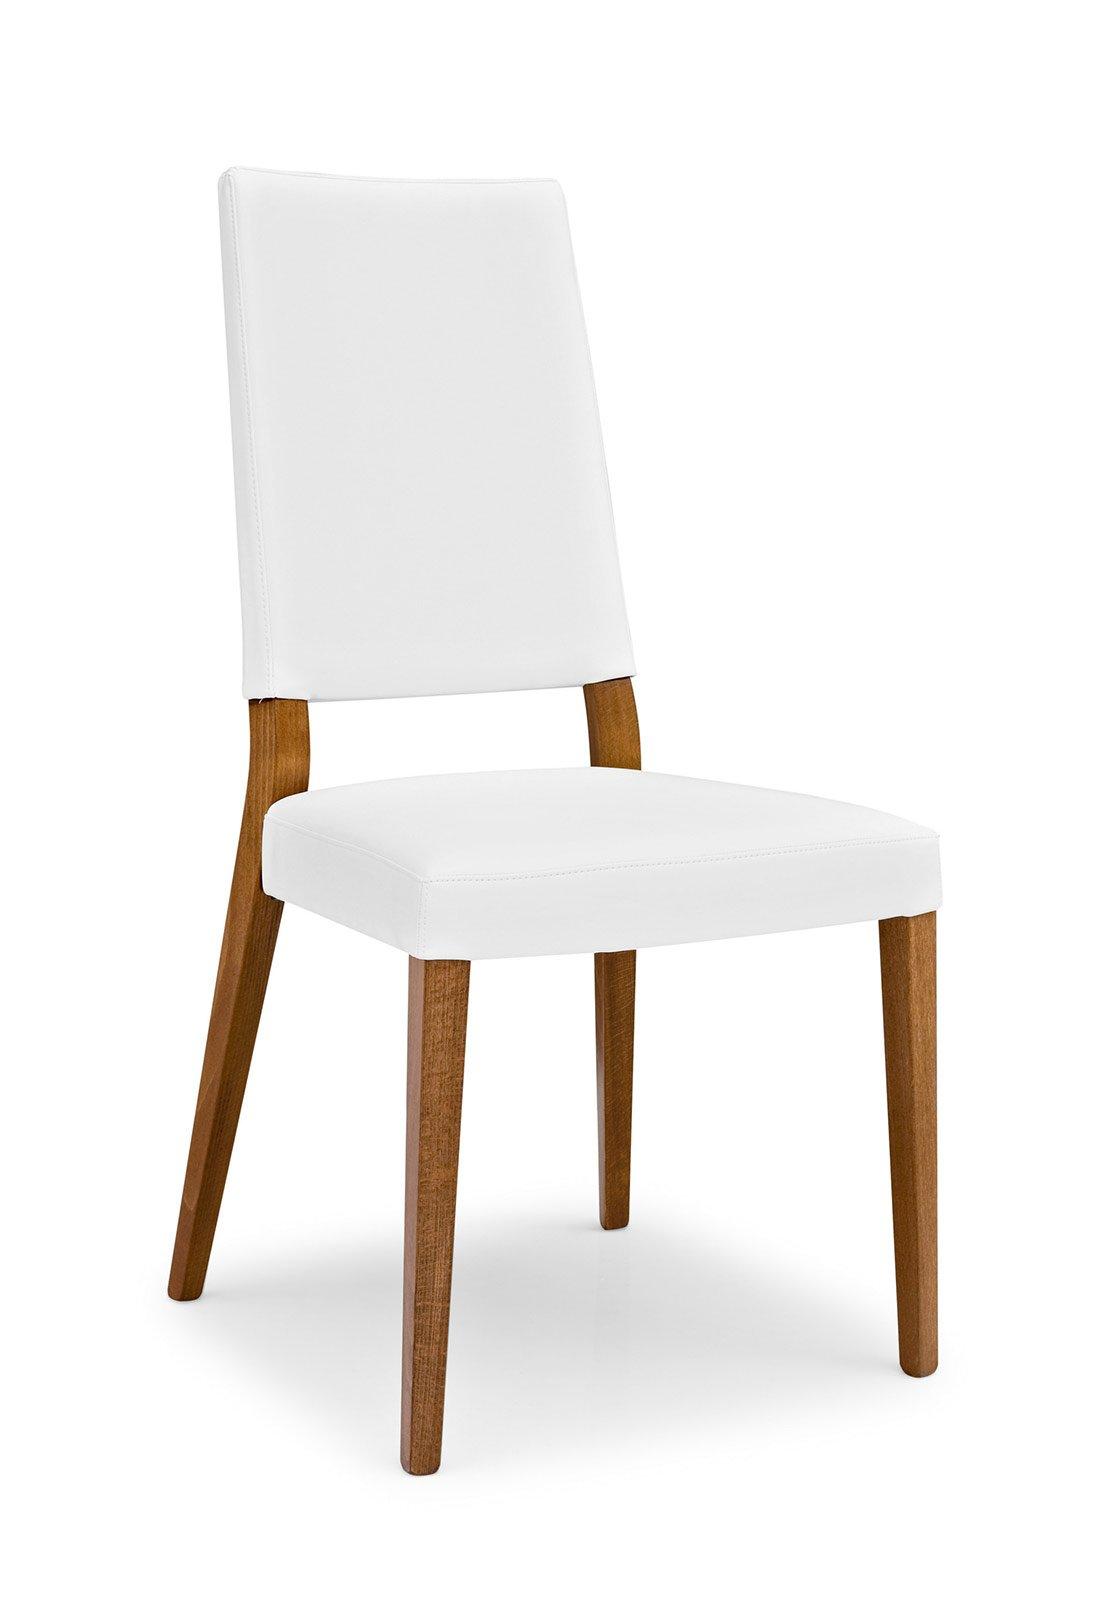 Sedie classiche. Non le classiche sedie - Cose di Casa